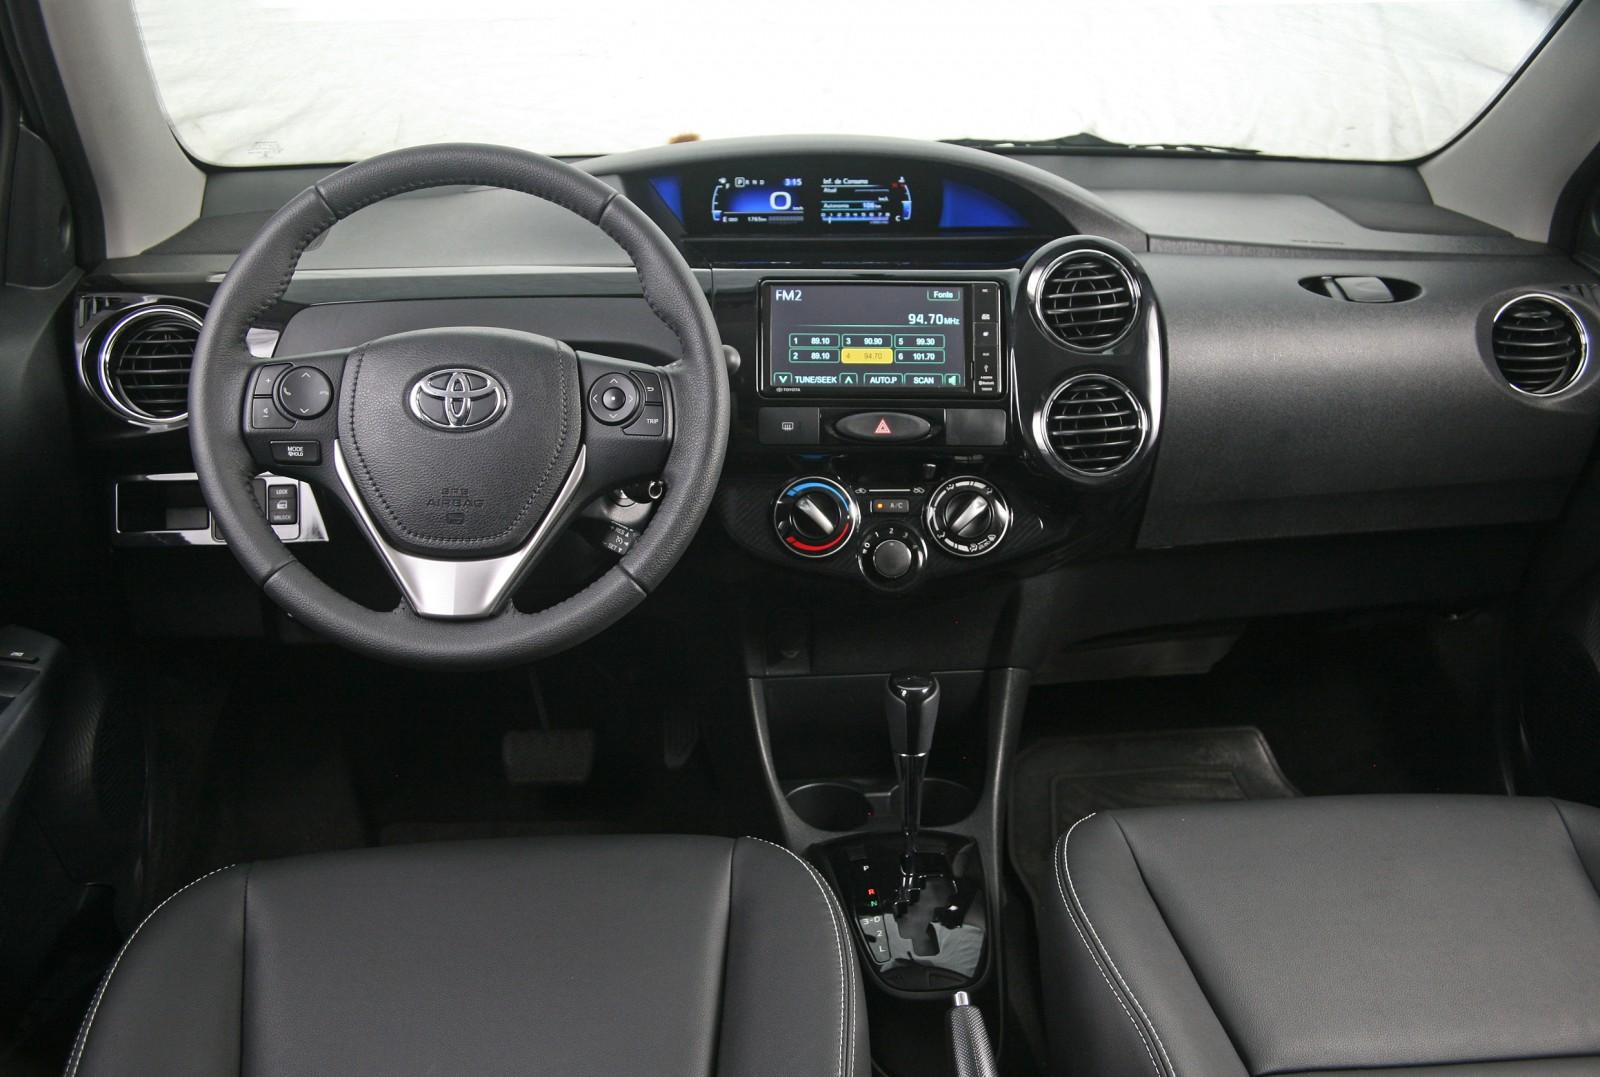 Avaliação: Toyota Etios 2017 é o senhor da razão - Motor Show